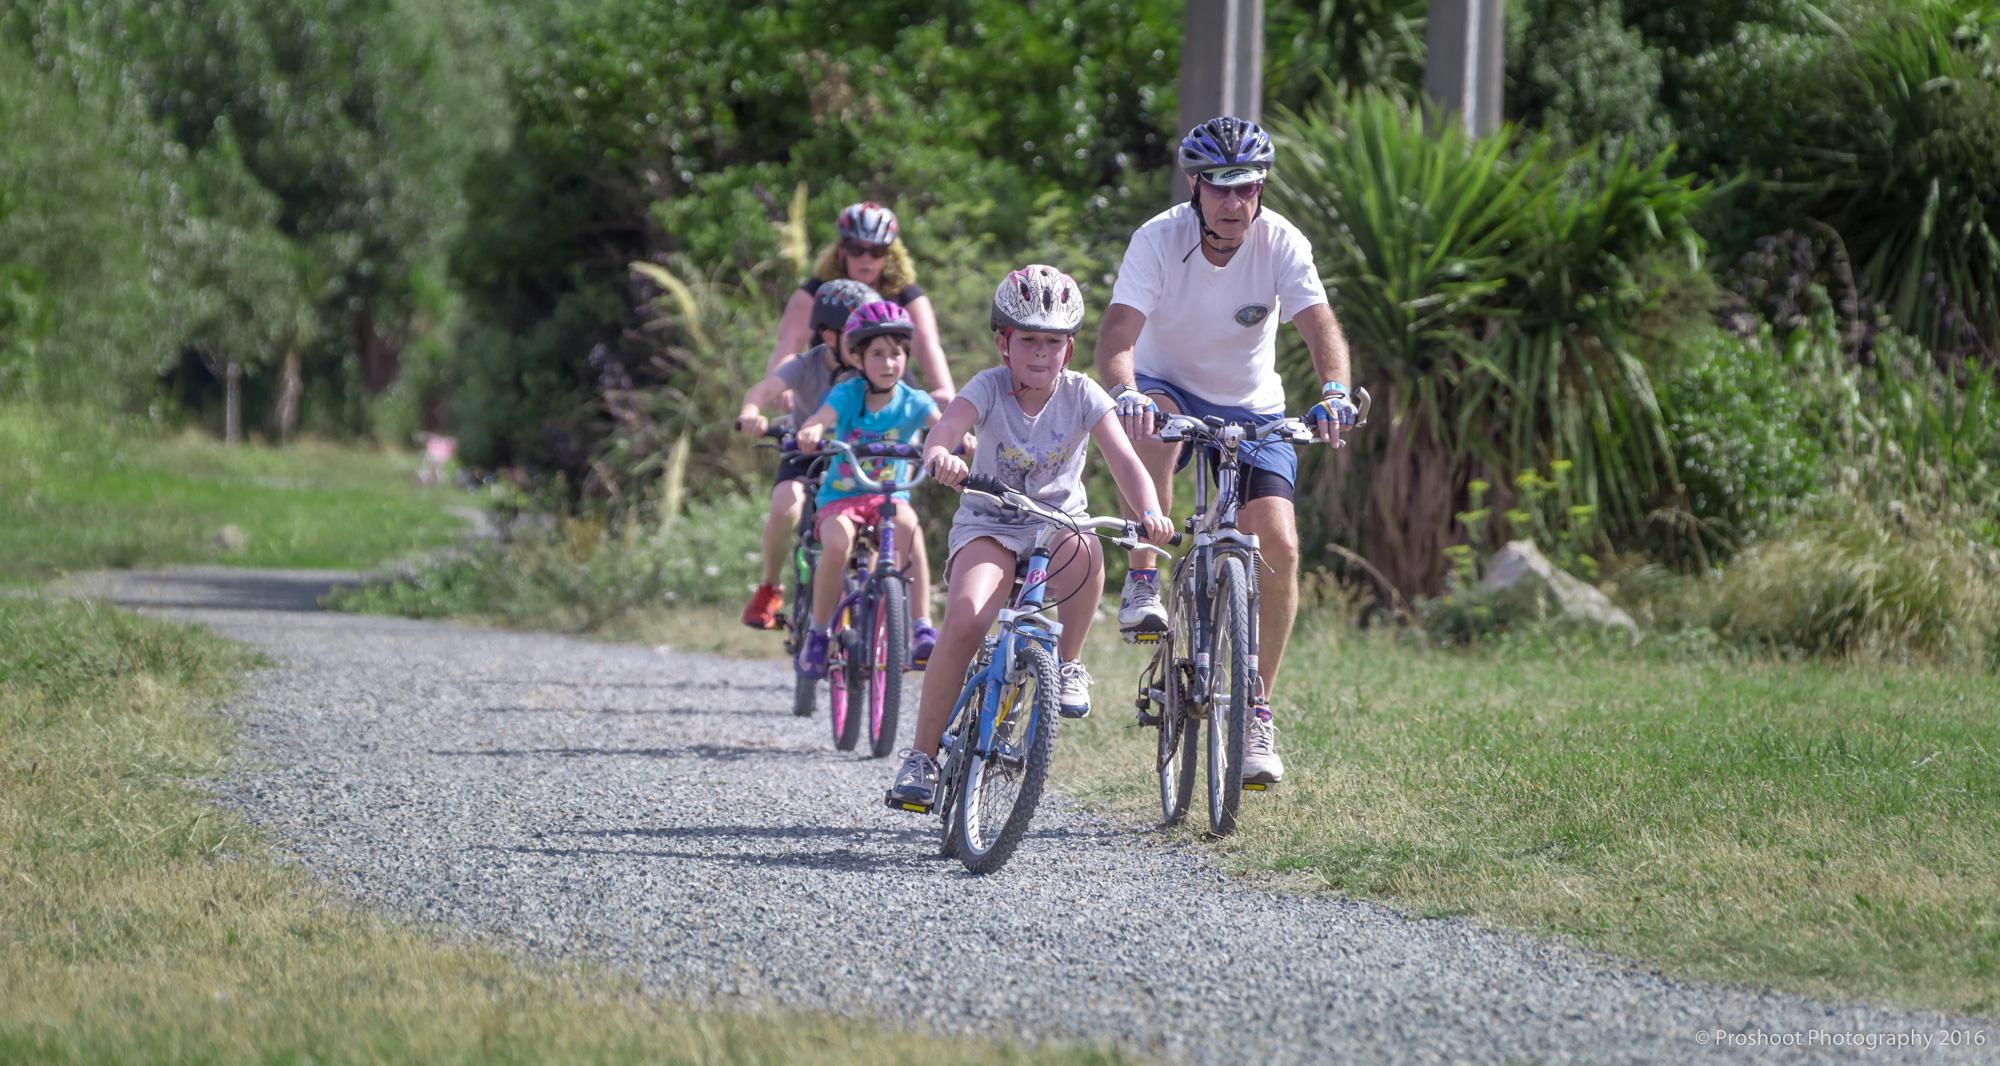 Bike The Trail 2016 8129